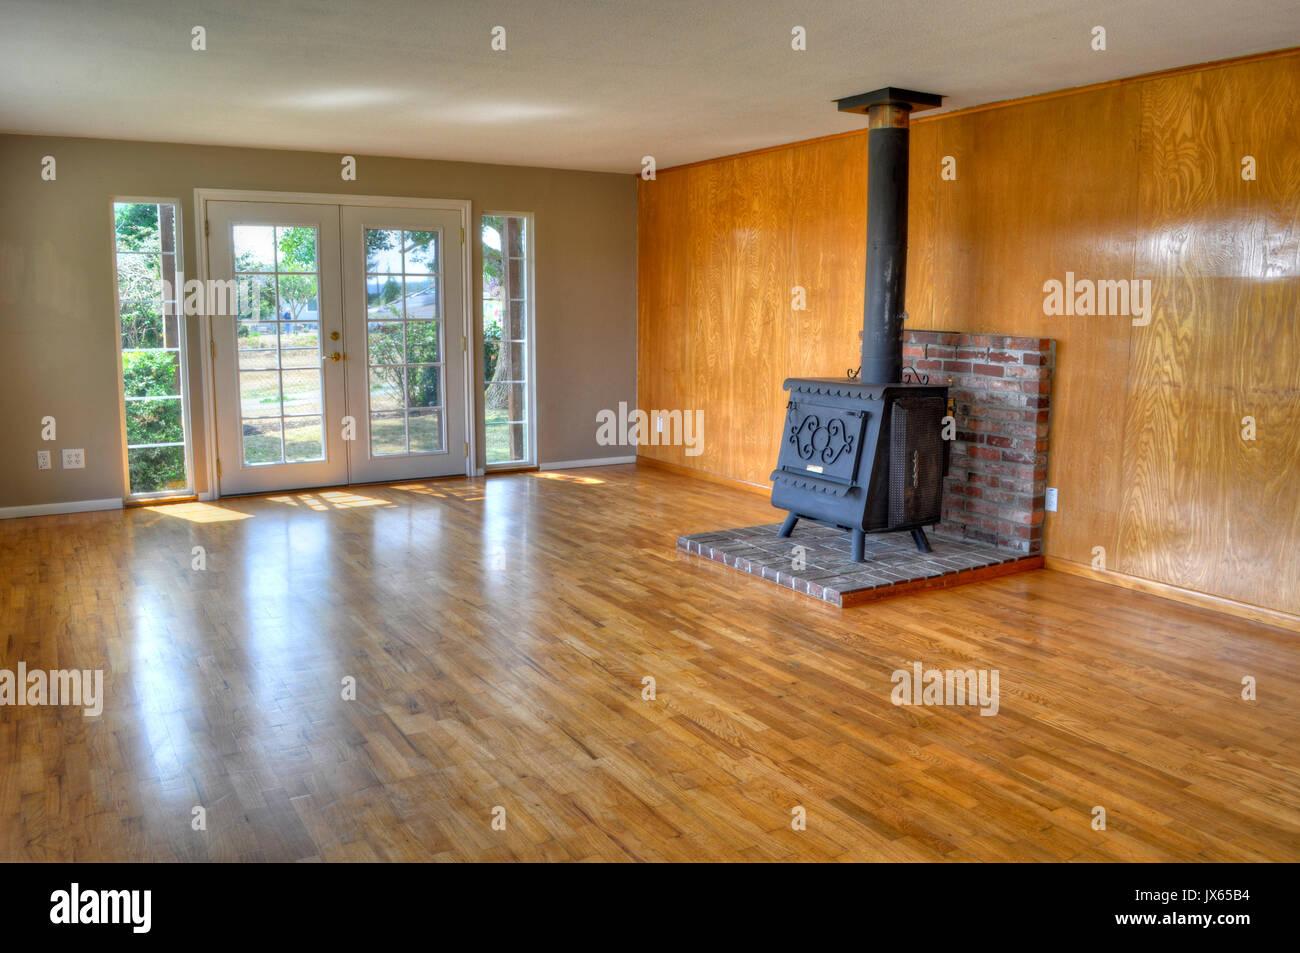 innere leere wohnzimmer eines hauses mit franz sischen glast ren hartholzb den und ein holzofen. Black Bedroom Furniture Sets. Home Design Ideas